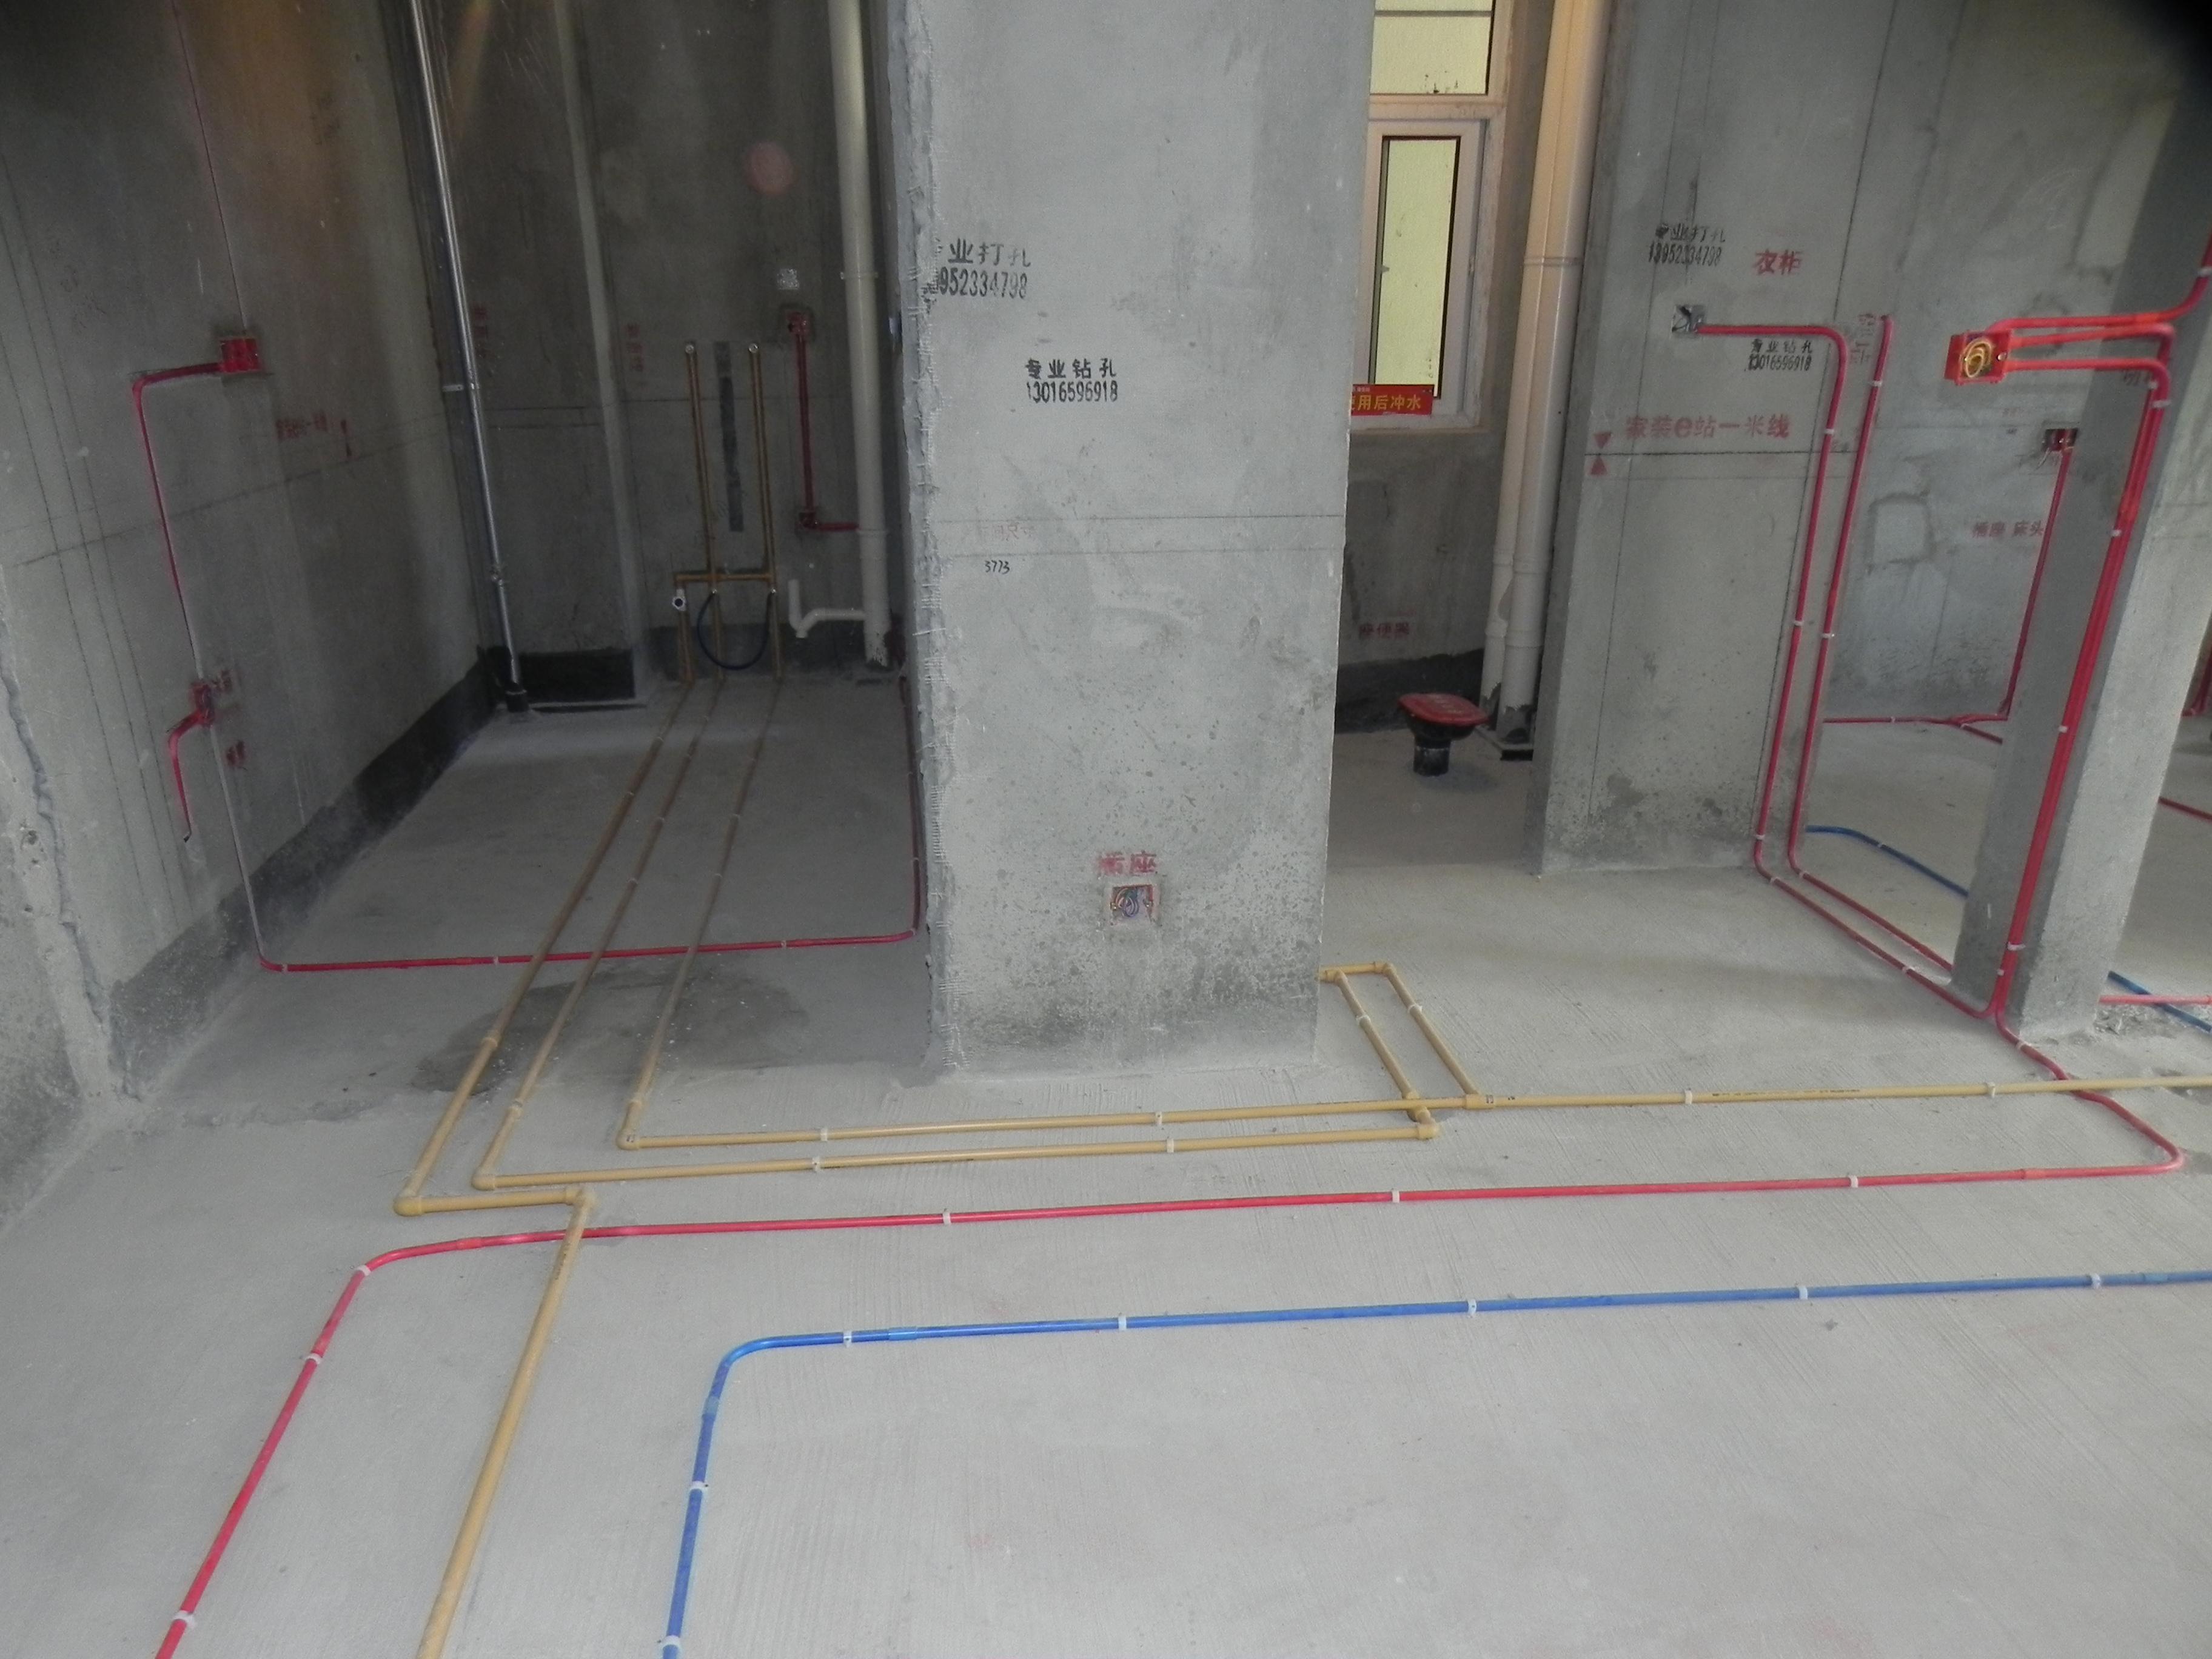 一般房屋装修水电前,首先需有详细的水电路走向设计